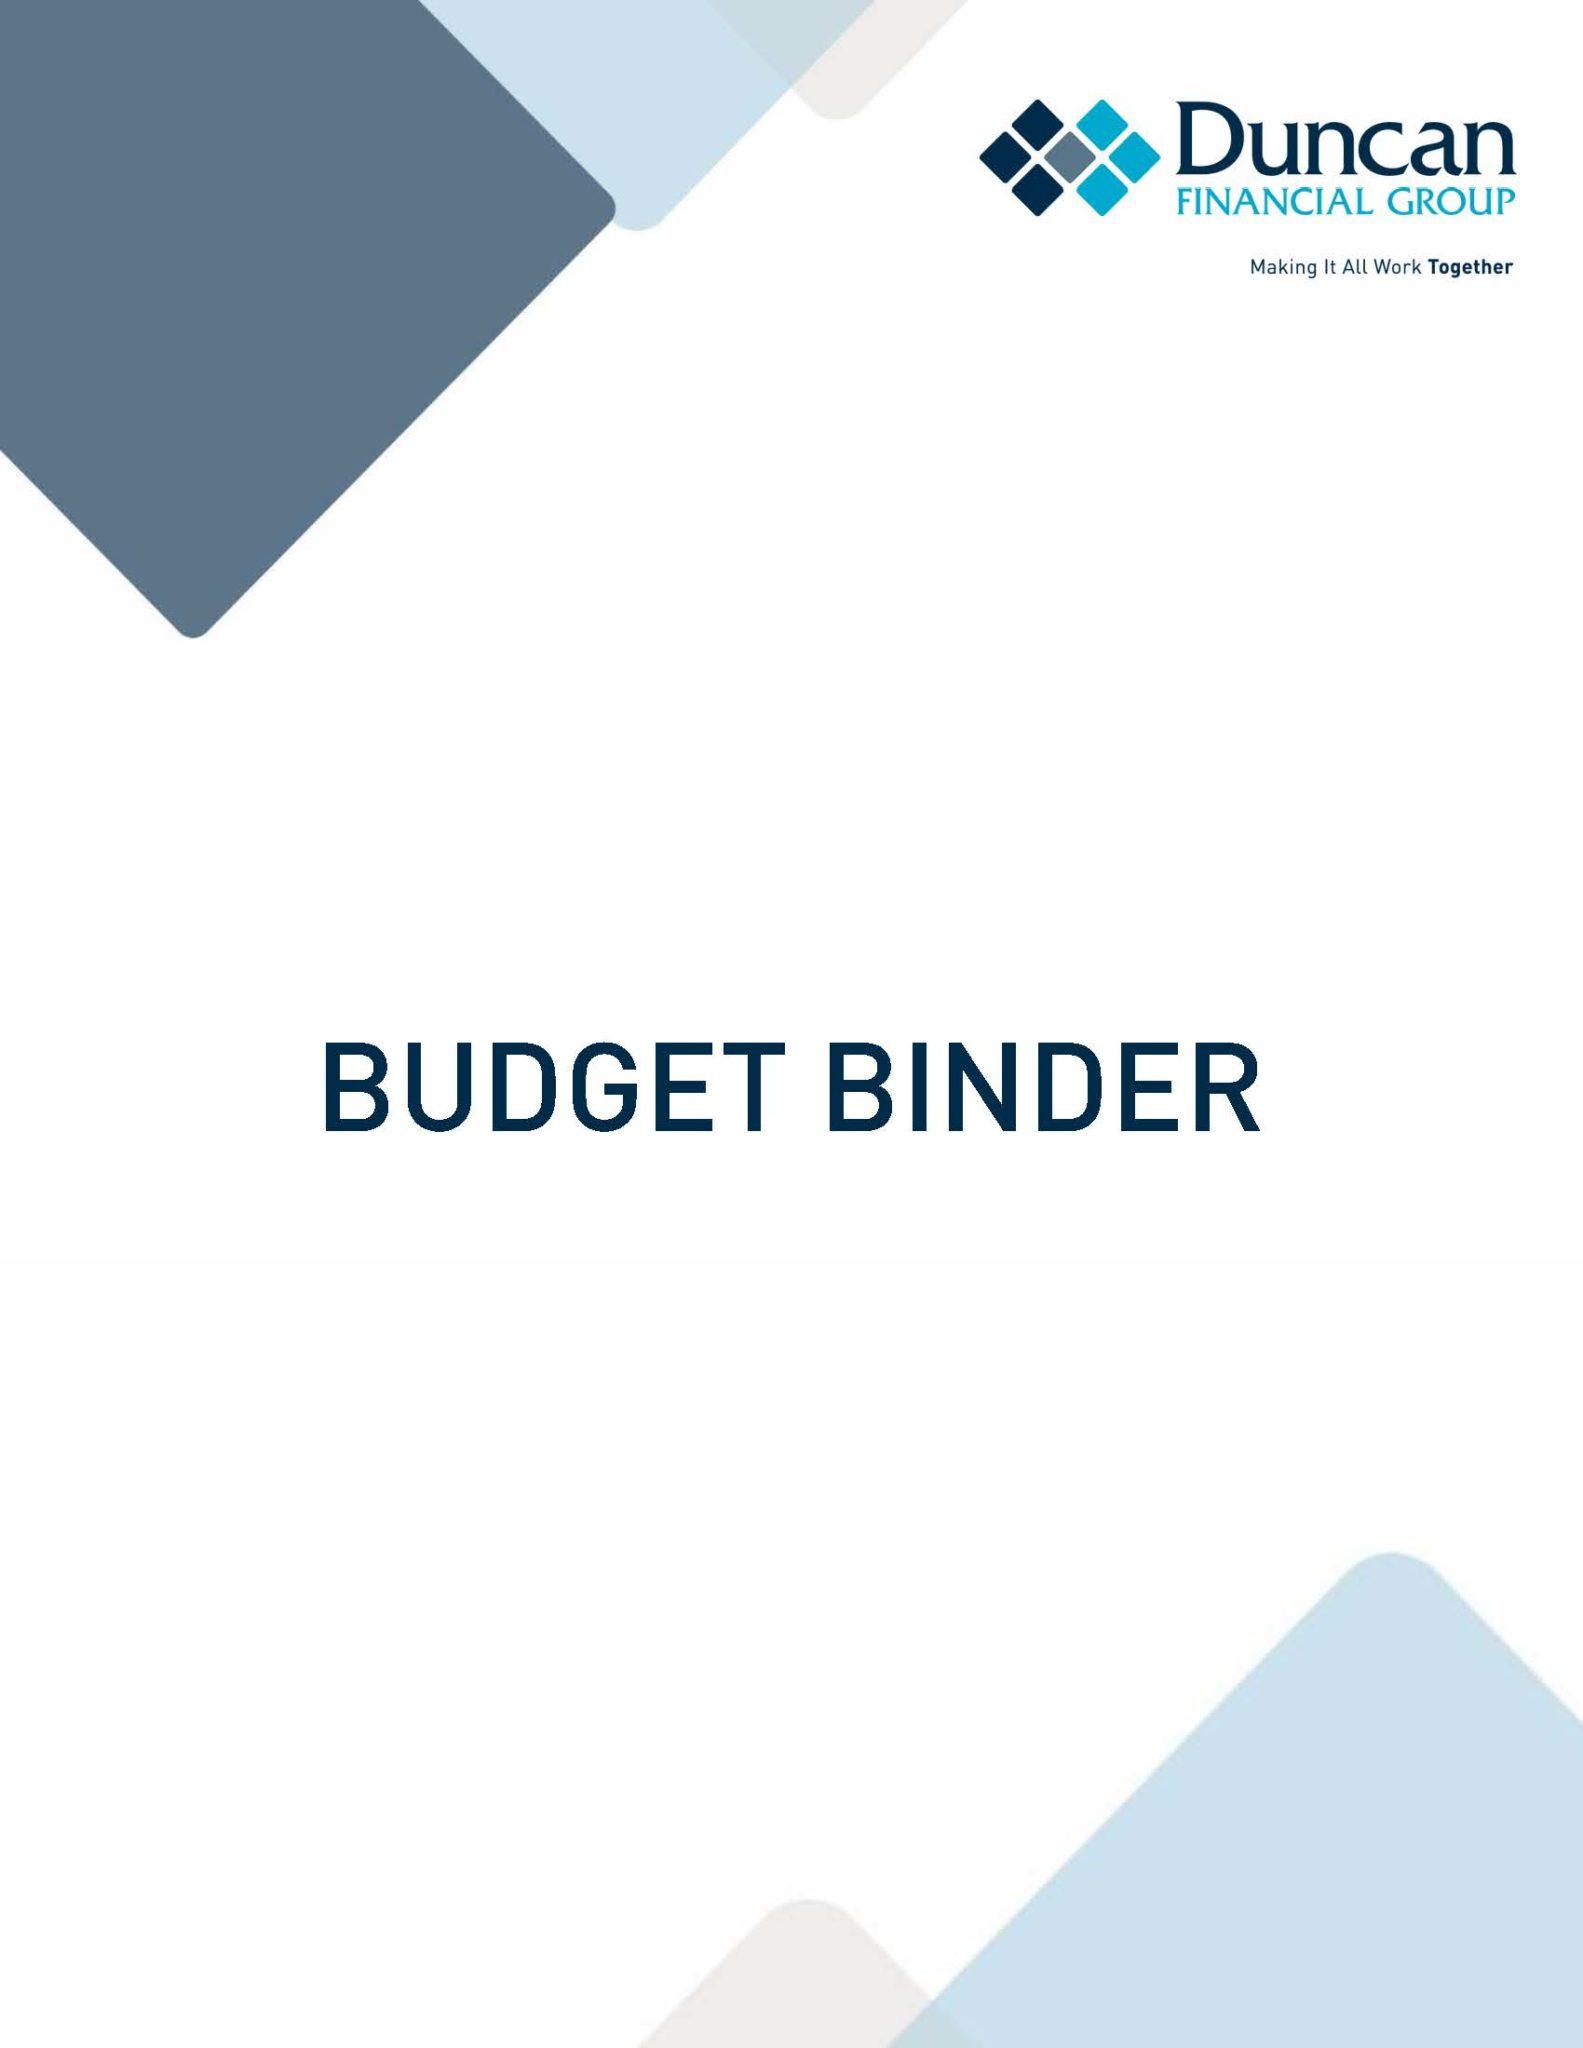 Budget Binder: Reach Your Financial Goals